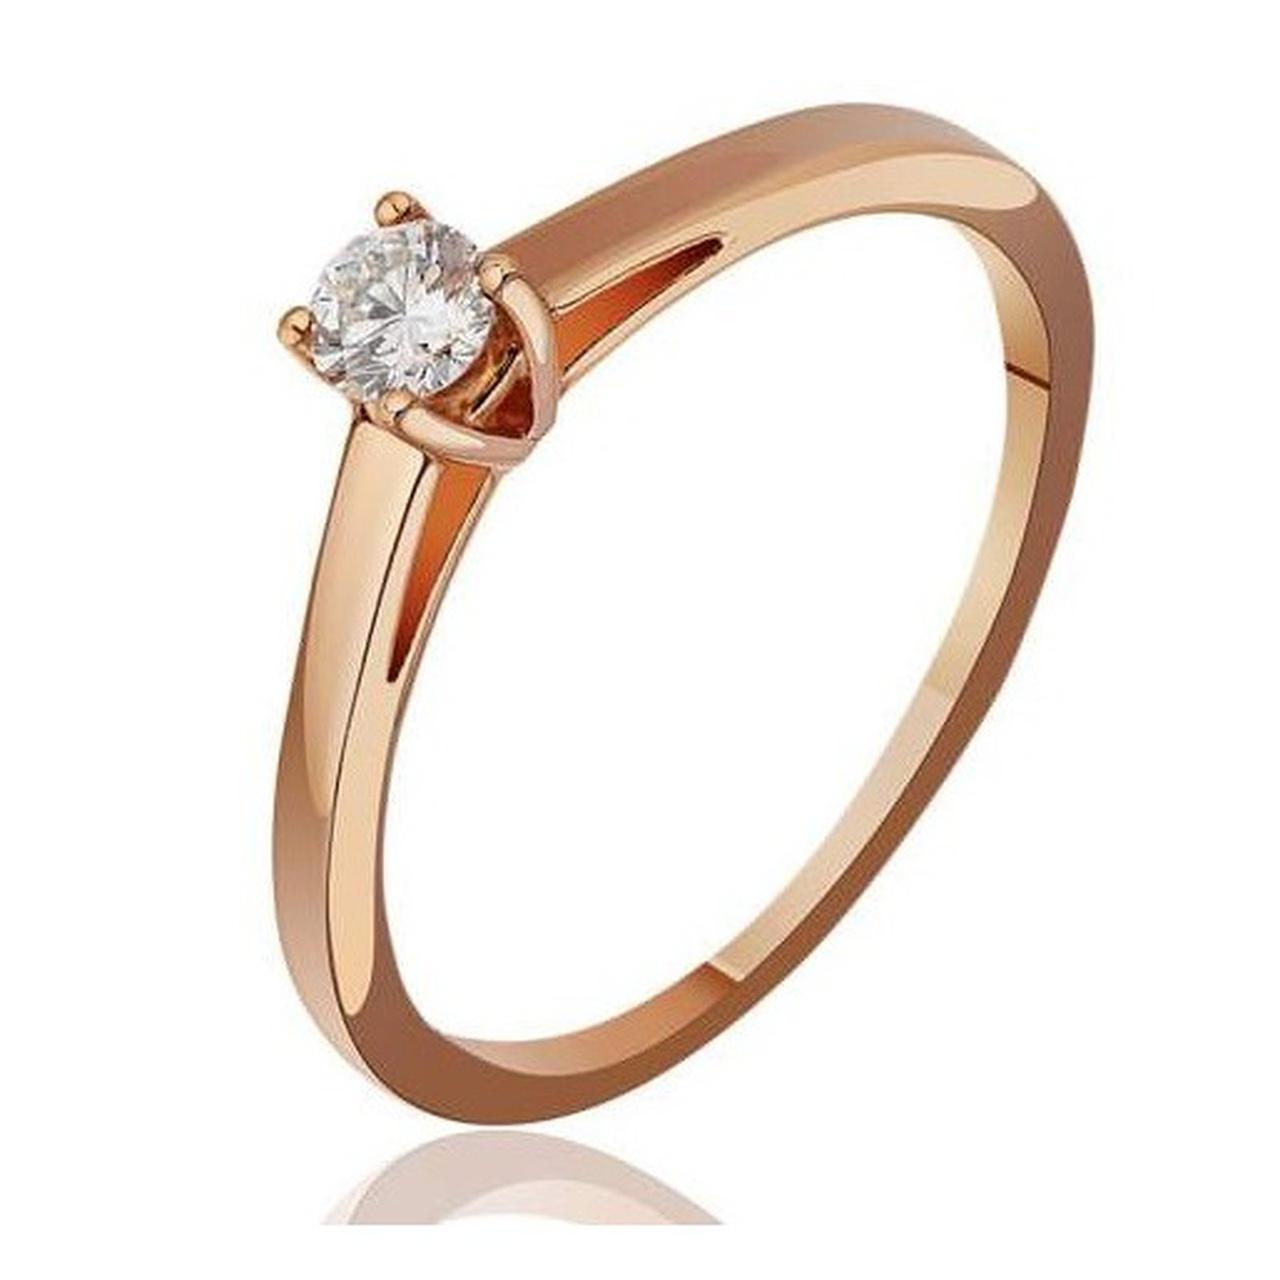 Золотое кольцо с Swarovski Zirconia, размер 15 (1704298)